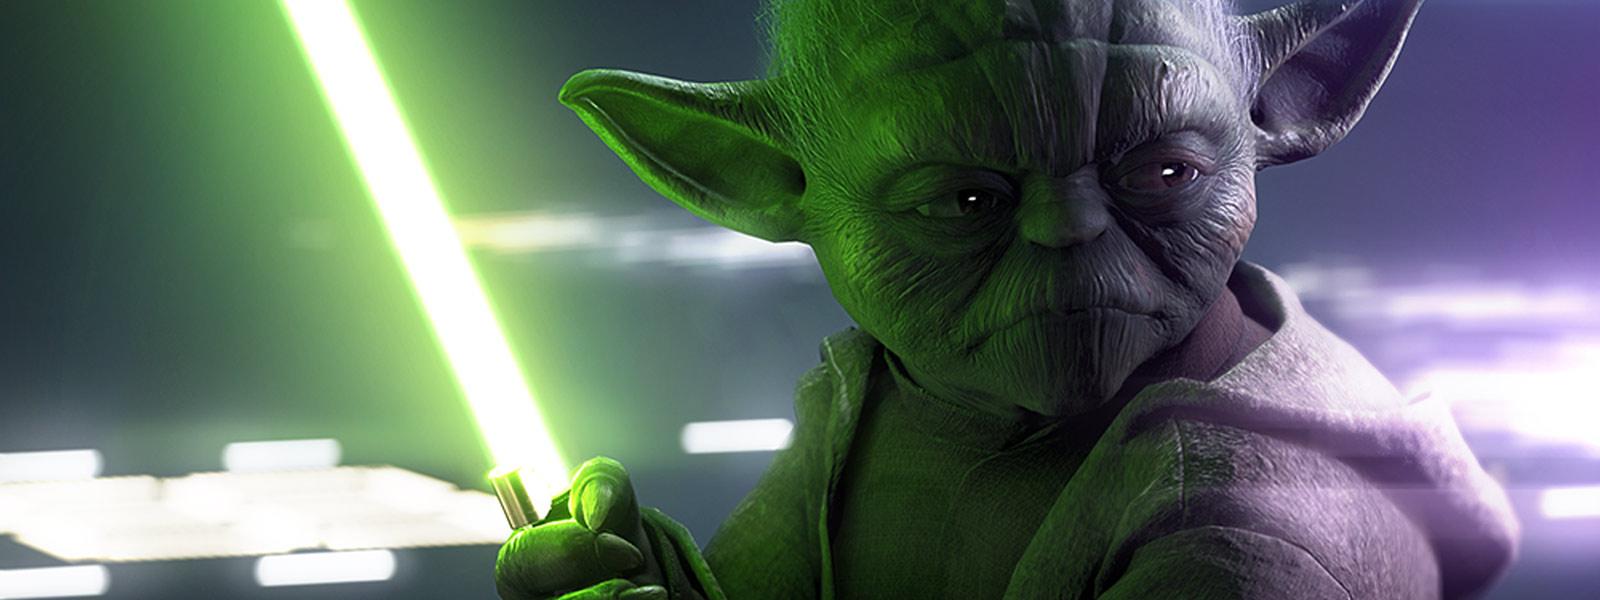 Carta de estrela do Yoda